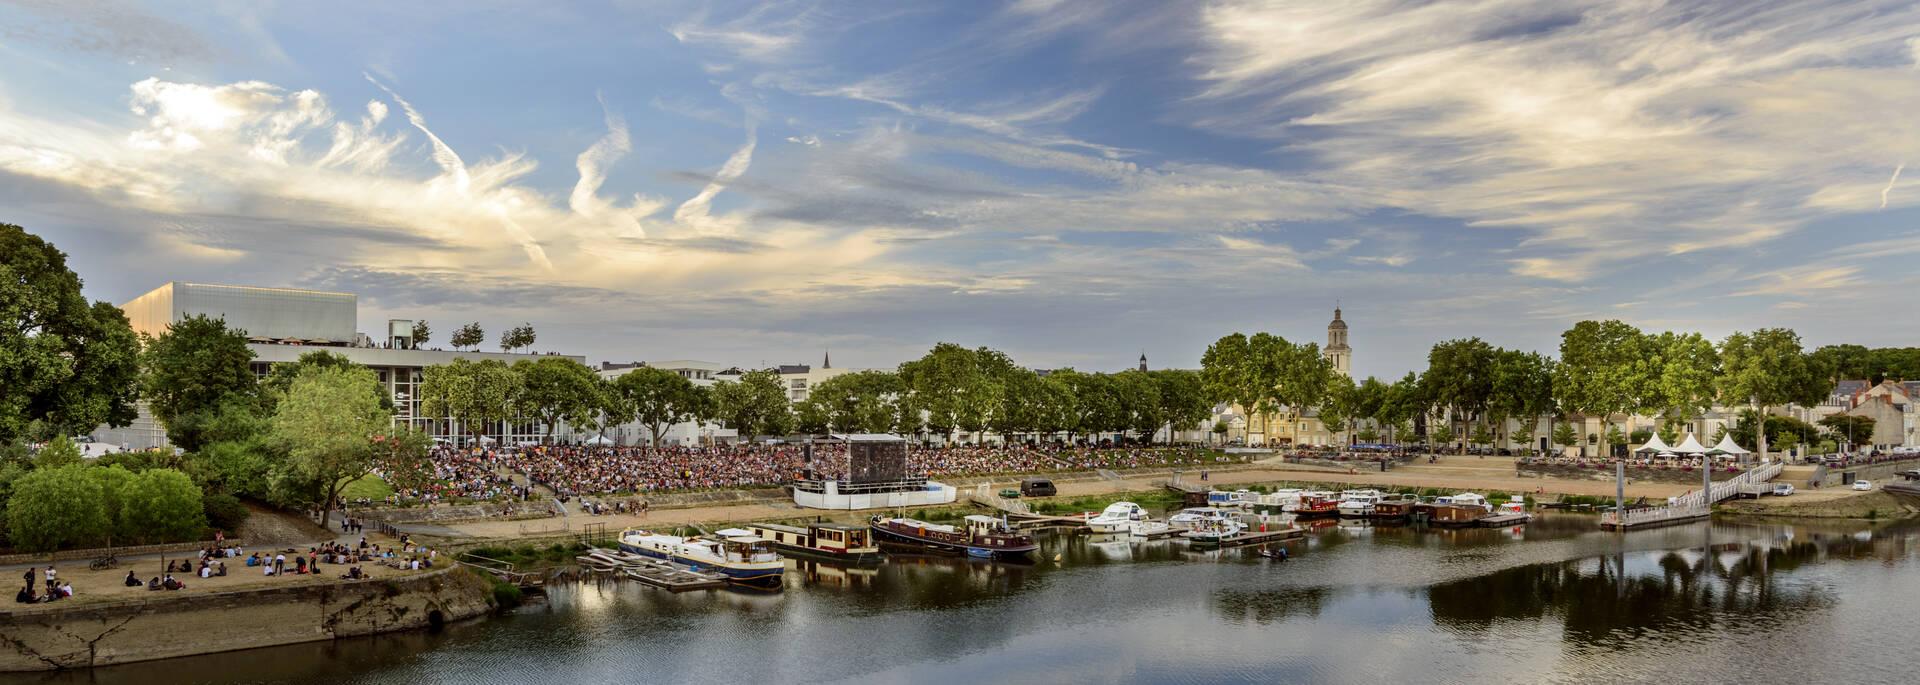 Agenda et événements à Angers - Tempo Rives